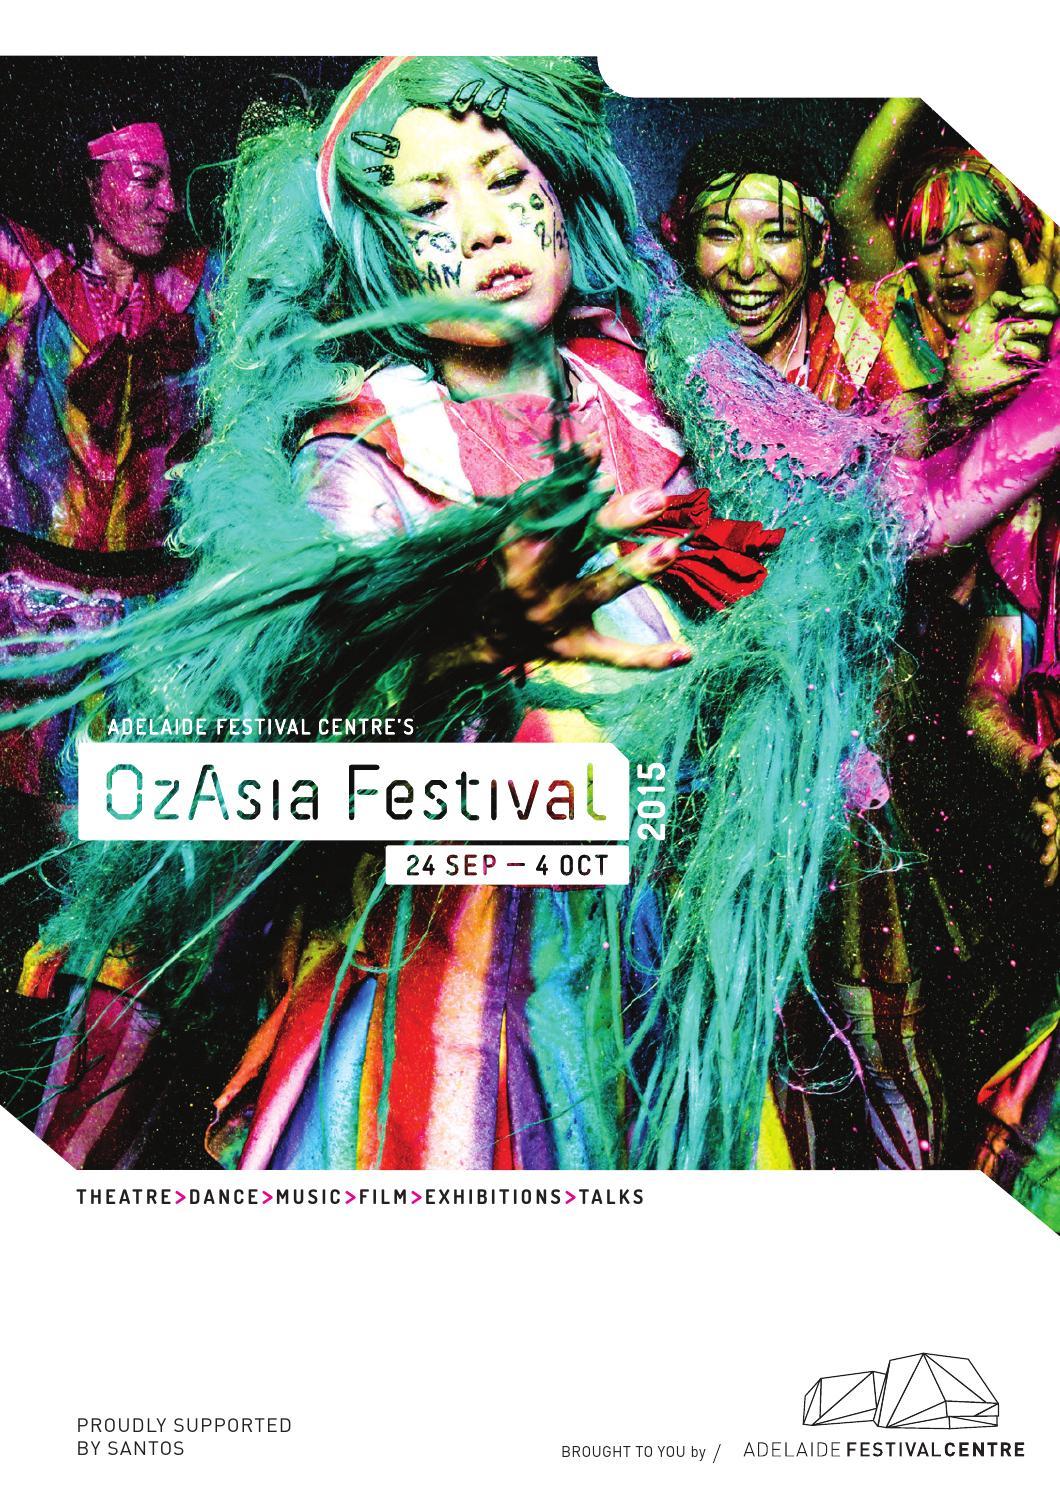 2013 ozasia festival program by adelaide festival centre   issuu